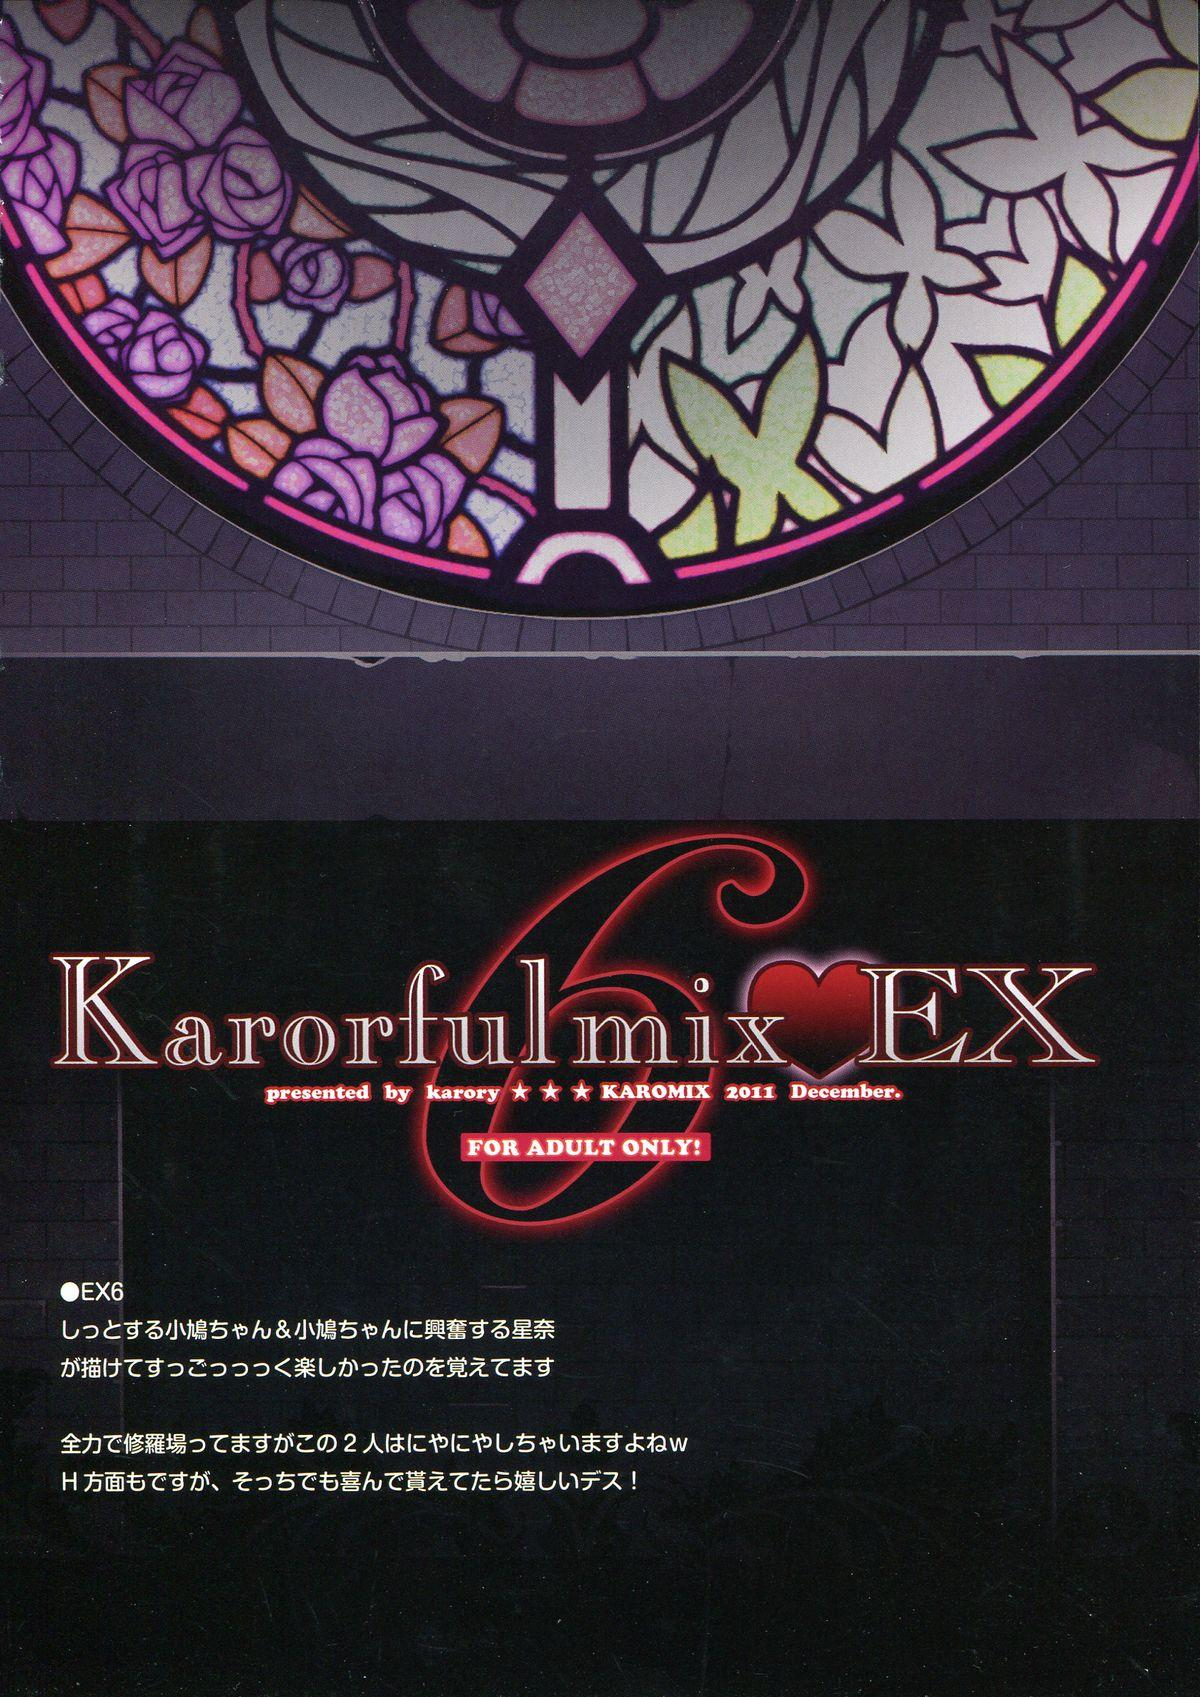 KARORFUL MIX EX Soushuuhen 123